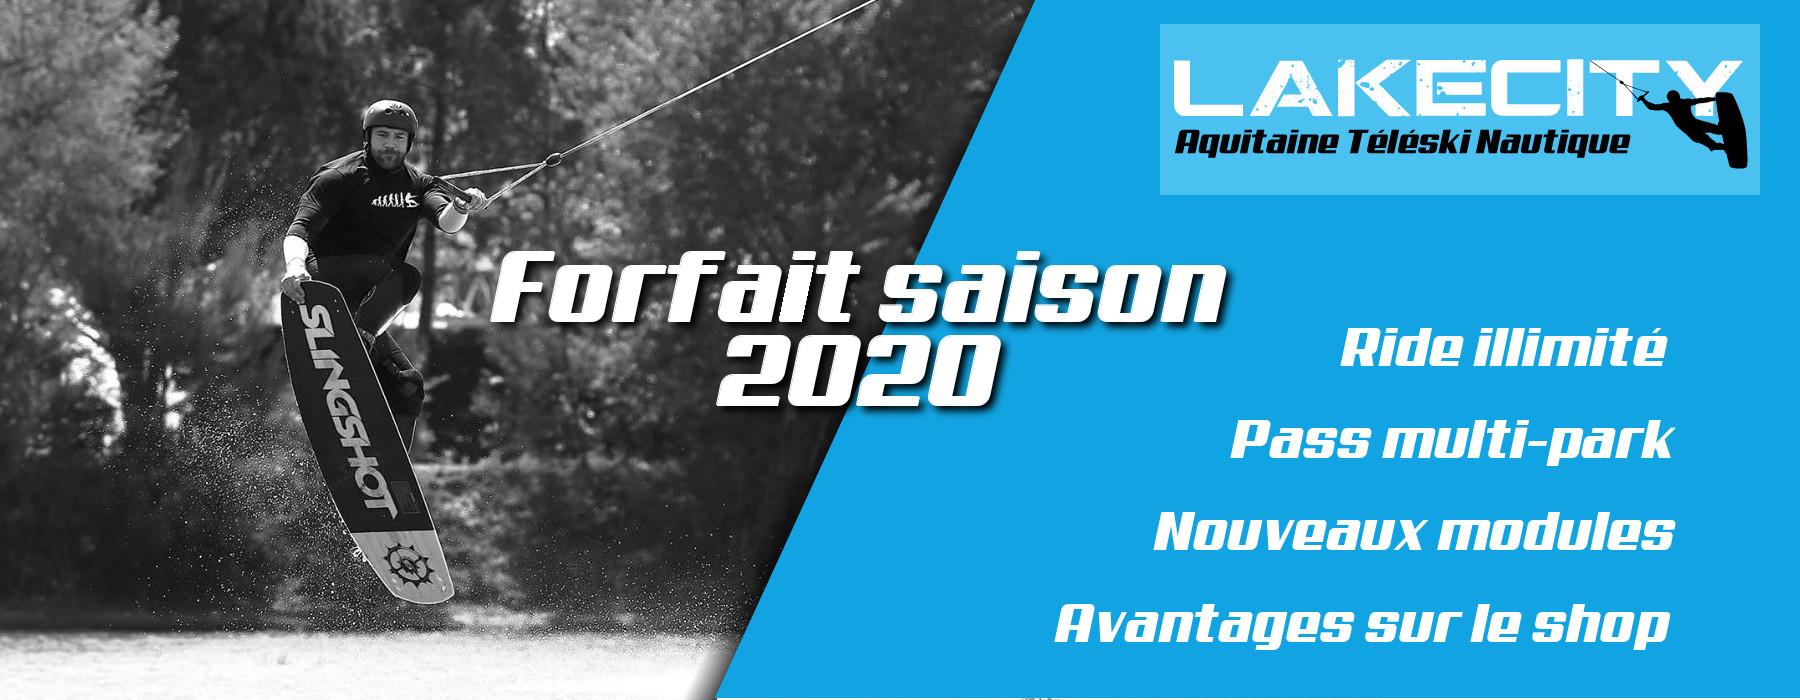 forfait saison 2020 wakeboard lakecity